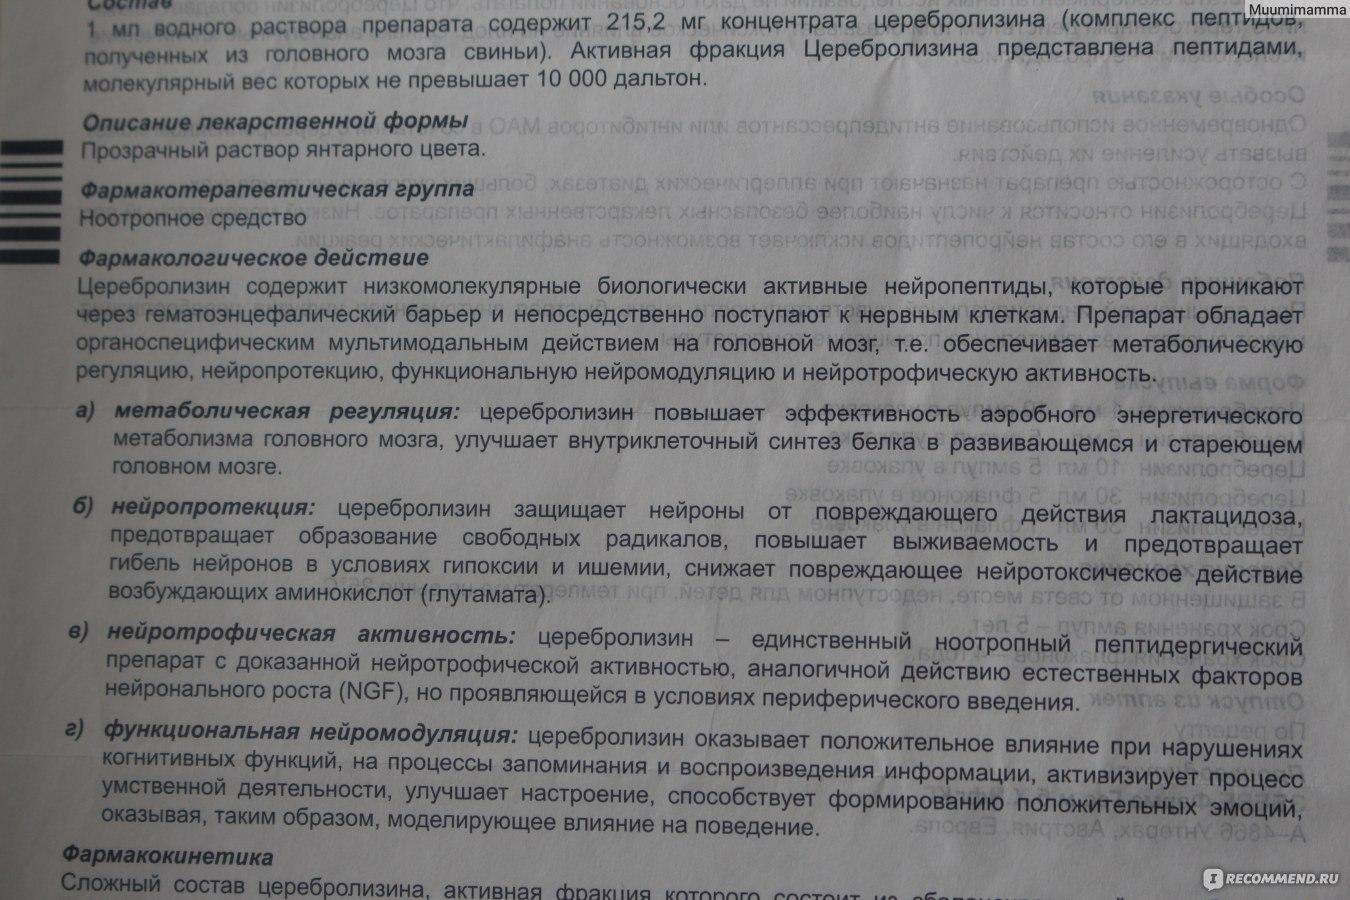 Церебролизин инструкция по применению отзывы.